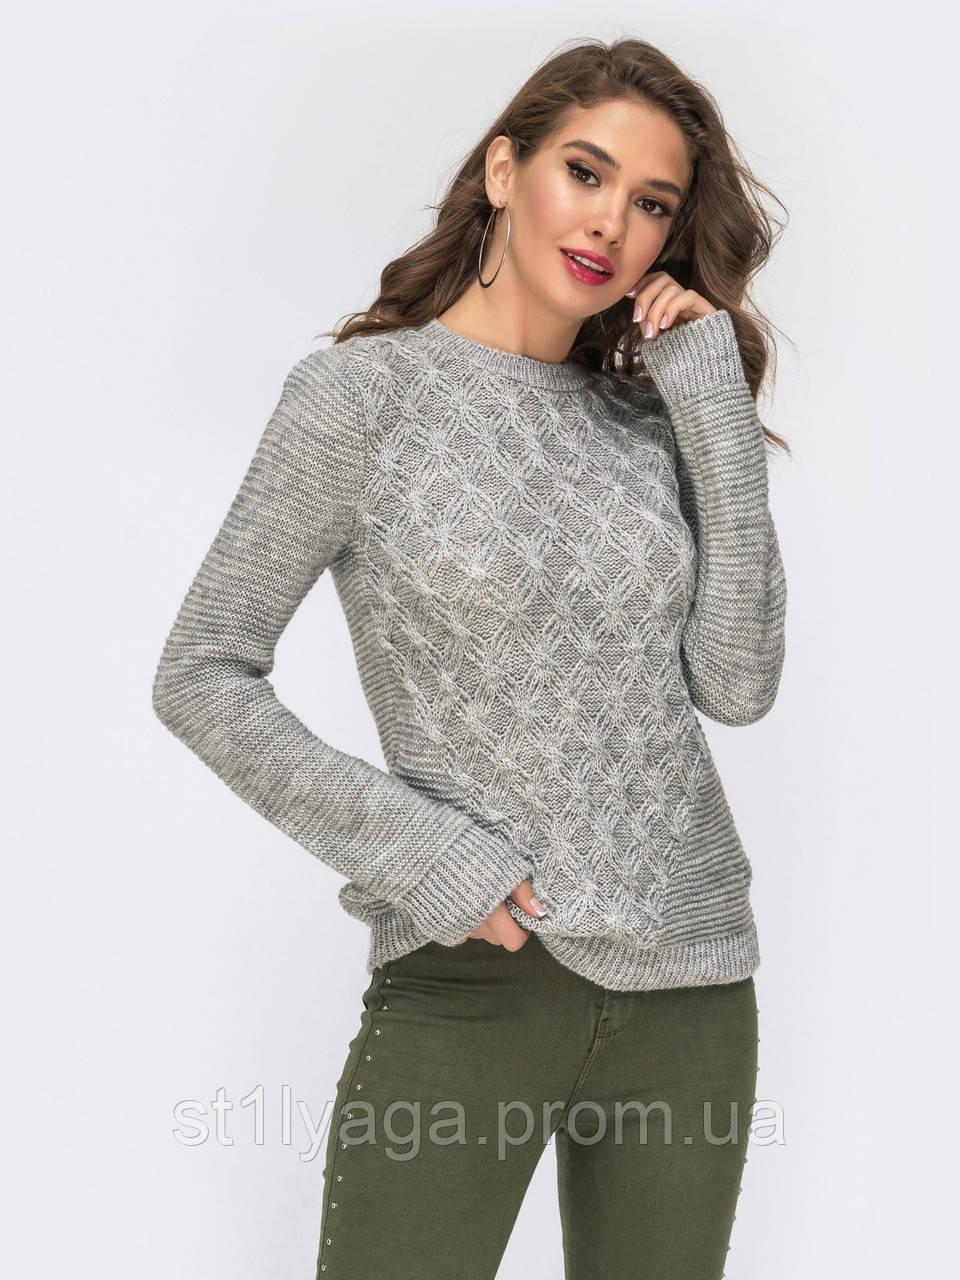 S-L Уютный свитер  с геометрическим узором